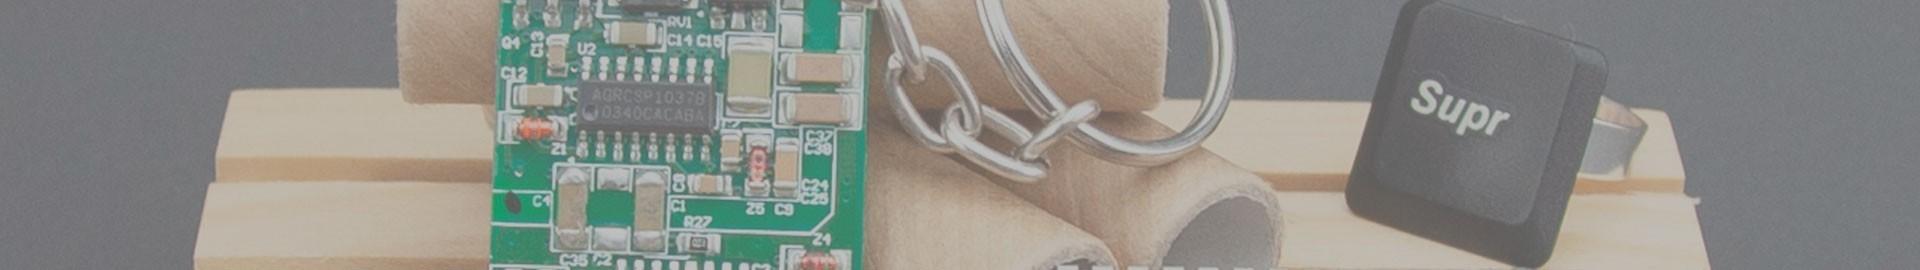 PC Upcycling, complementos hechos con  partes recicladas de pcs anticuados.